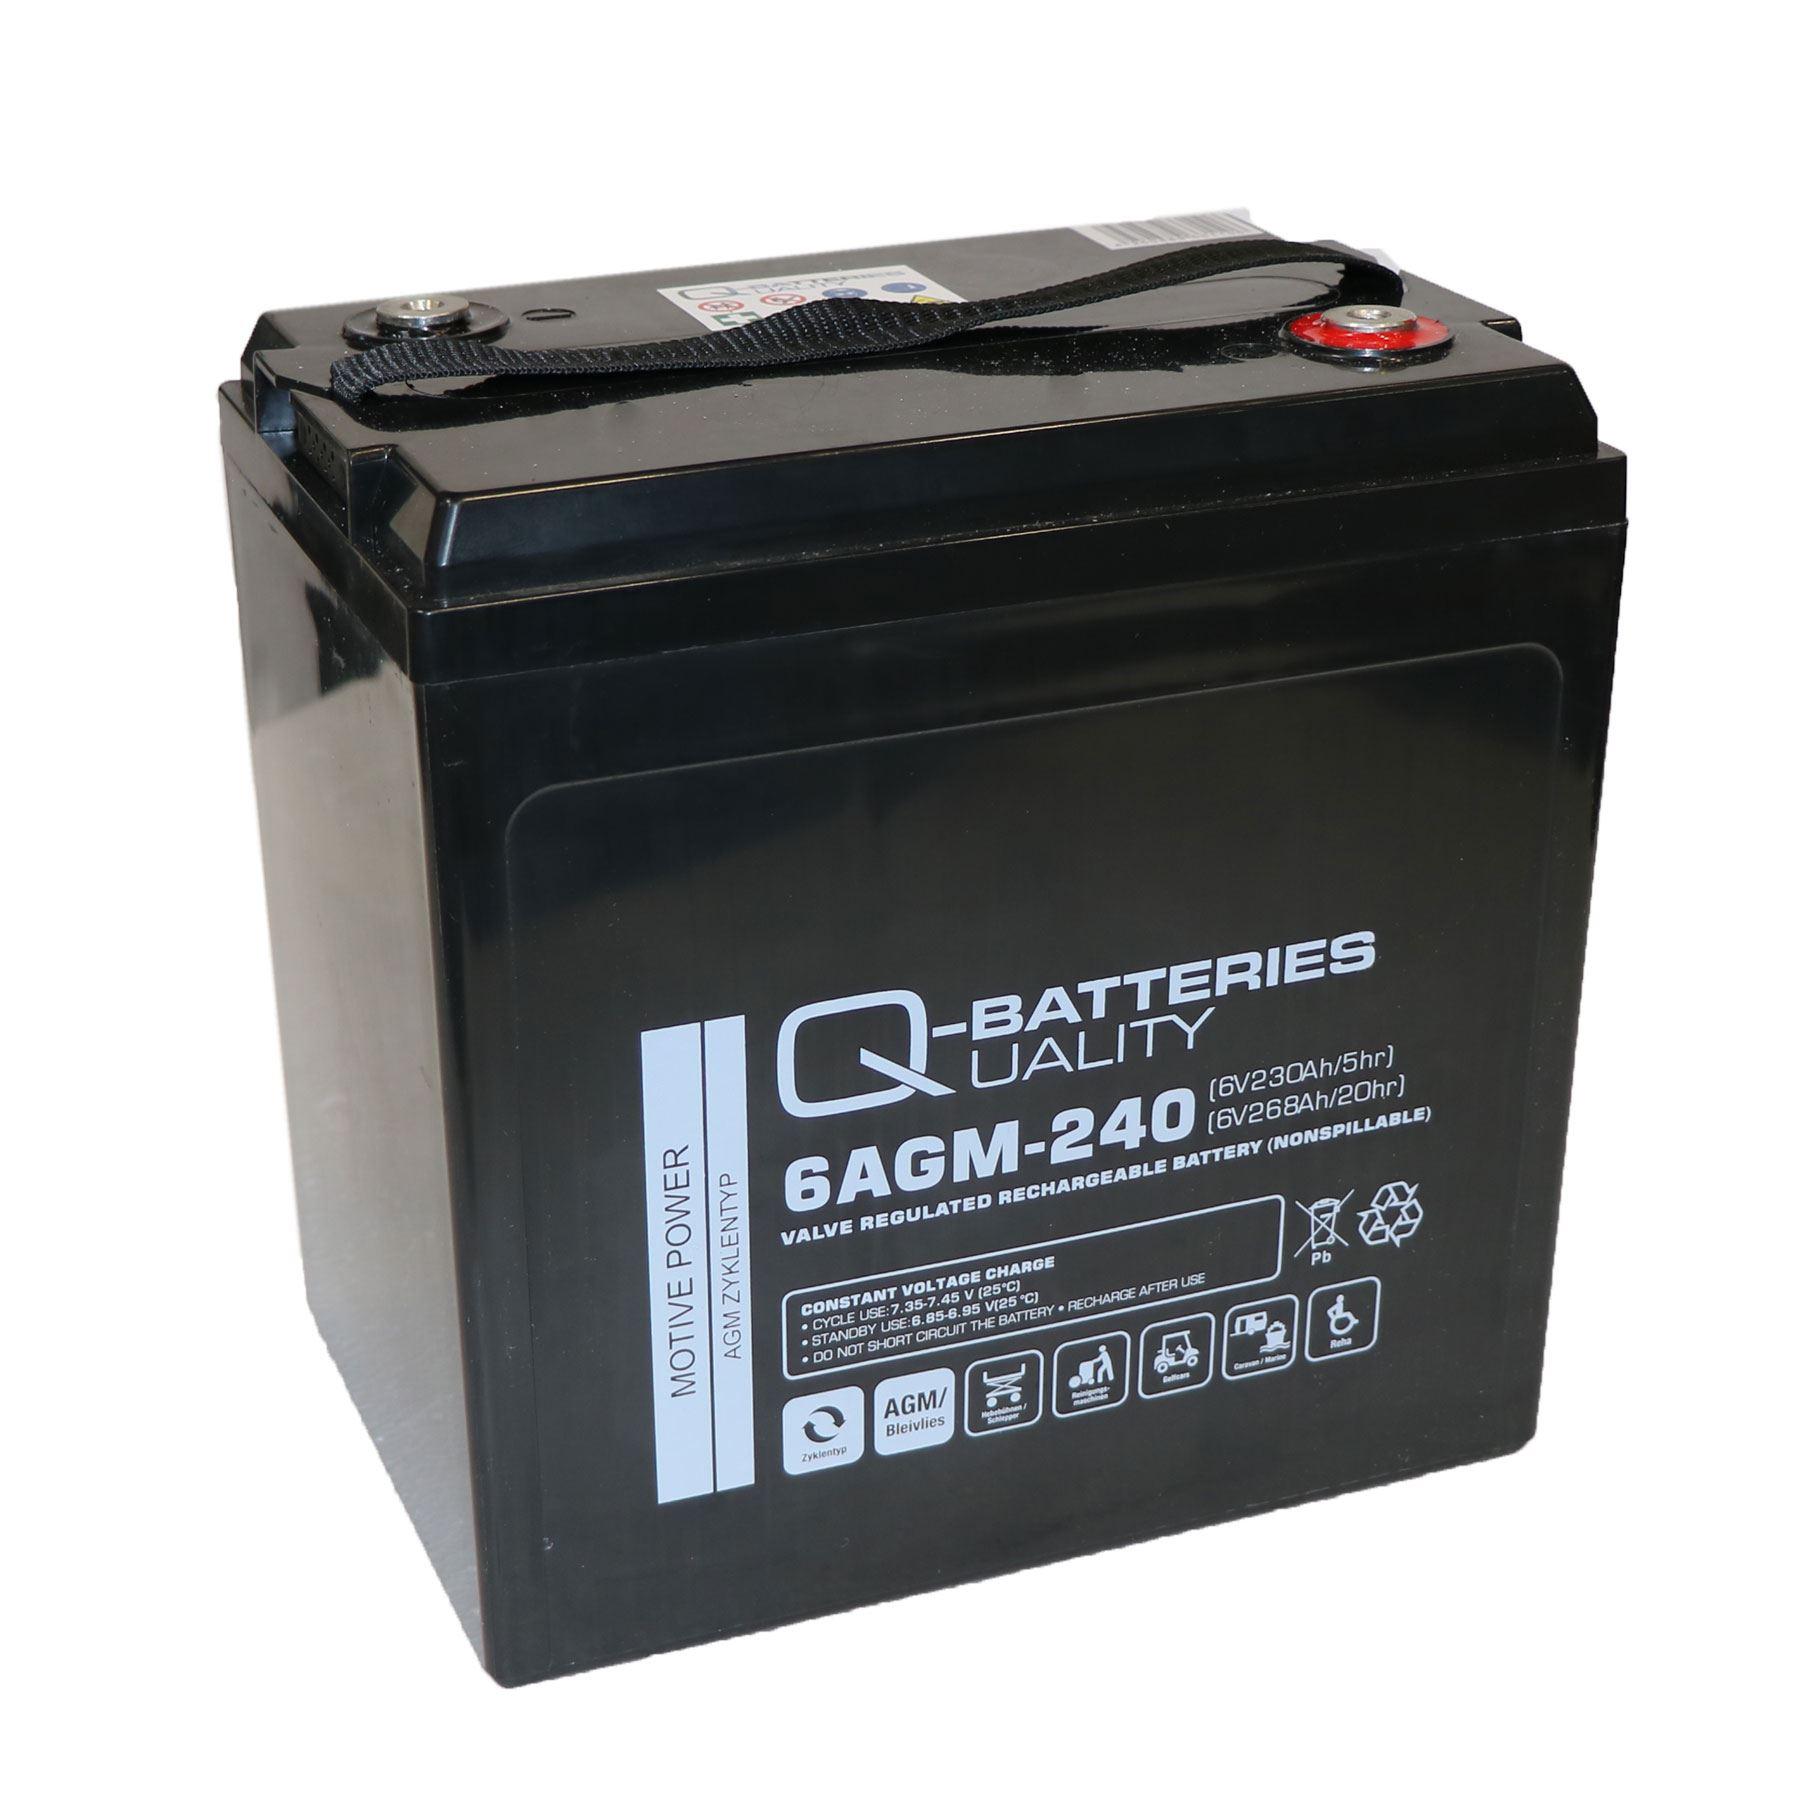 Imagen de Q-BATTERIES 6AGM-240 Traction Cíclica